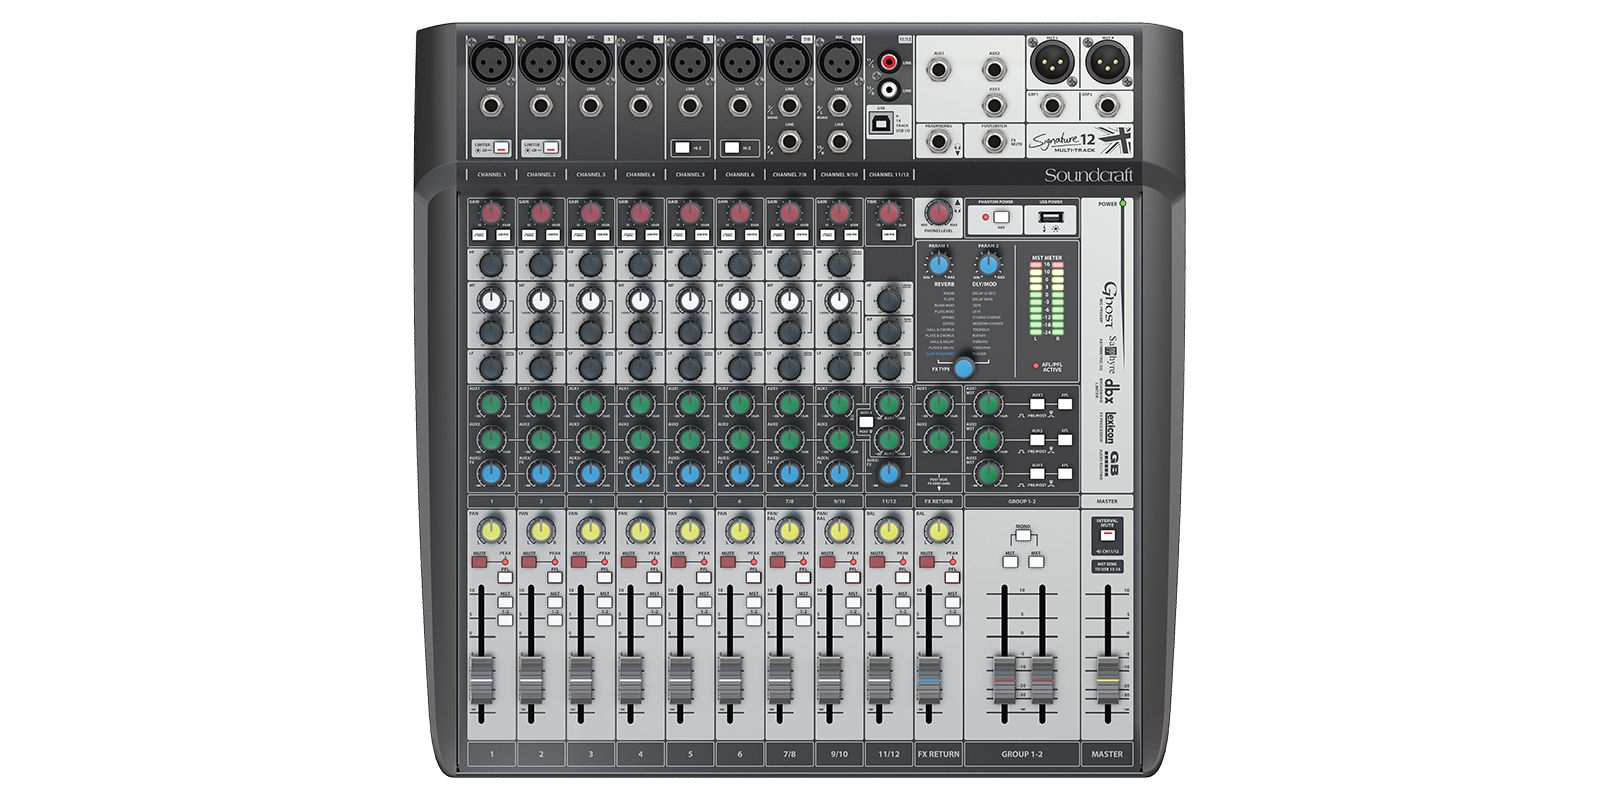 (450) Soundcraft Signature 12 MTK Audio, Pro audio